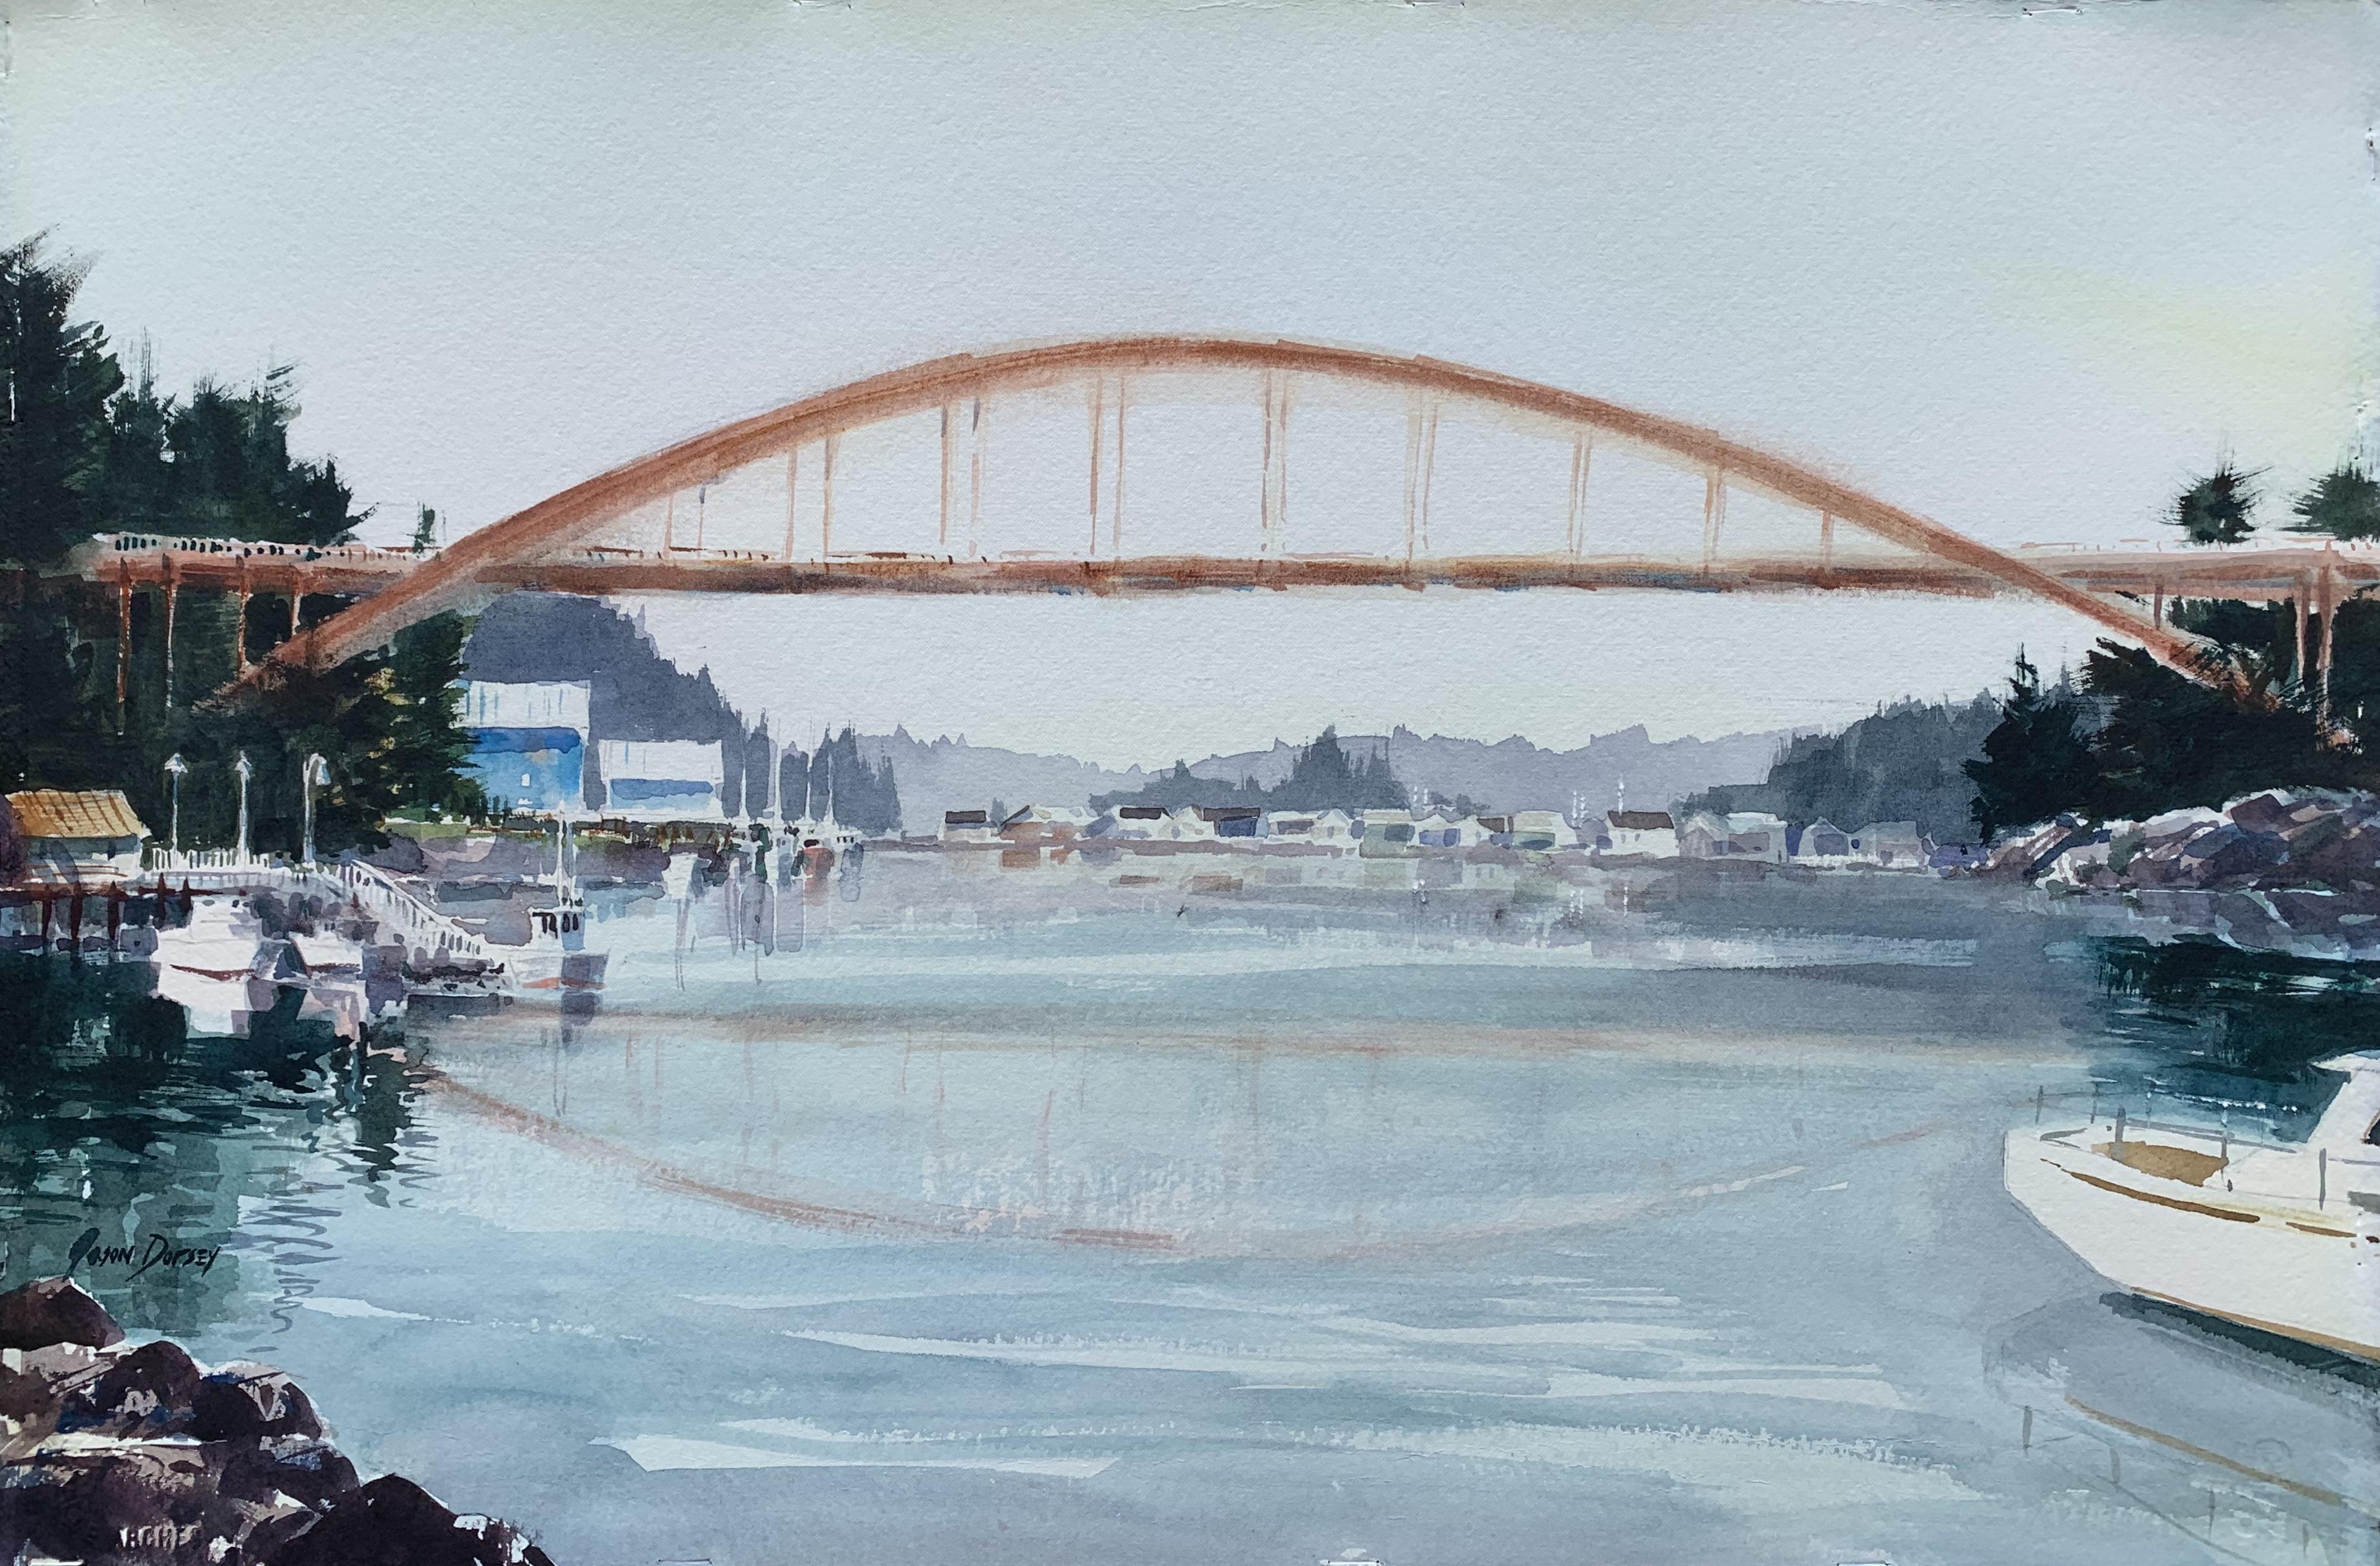 La Connor's Bridge #3